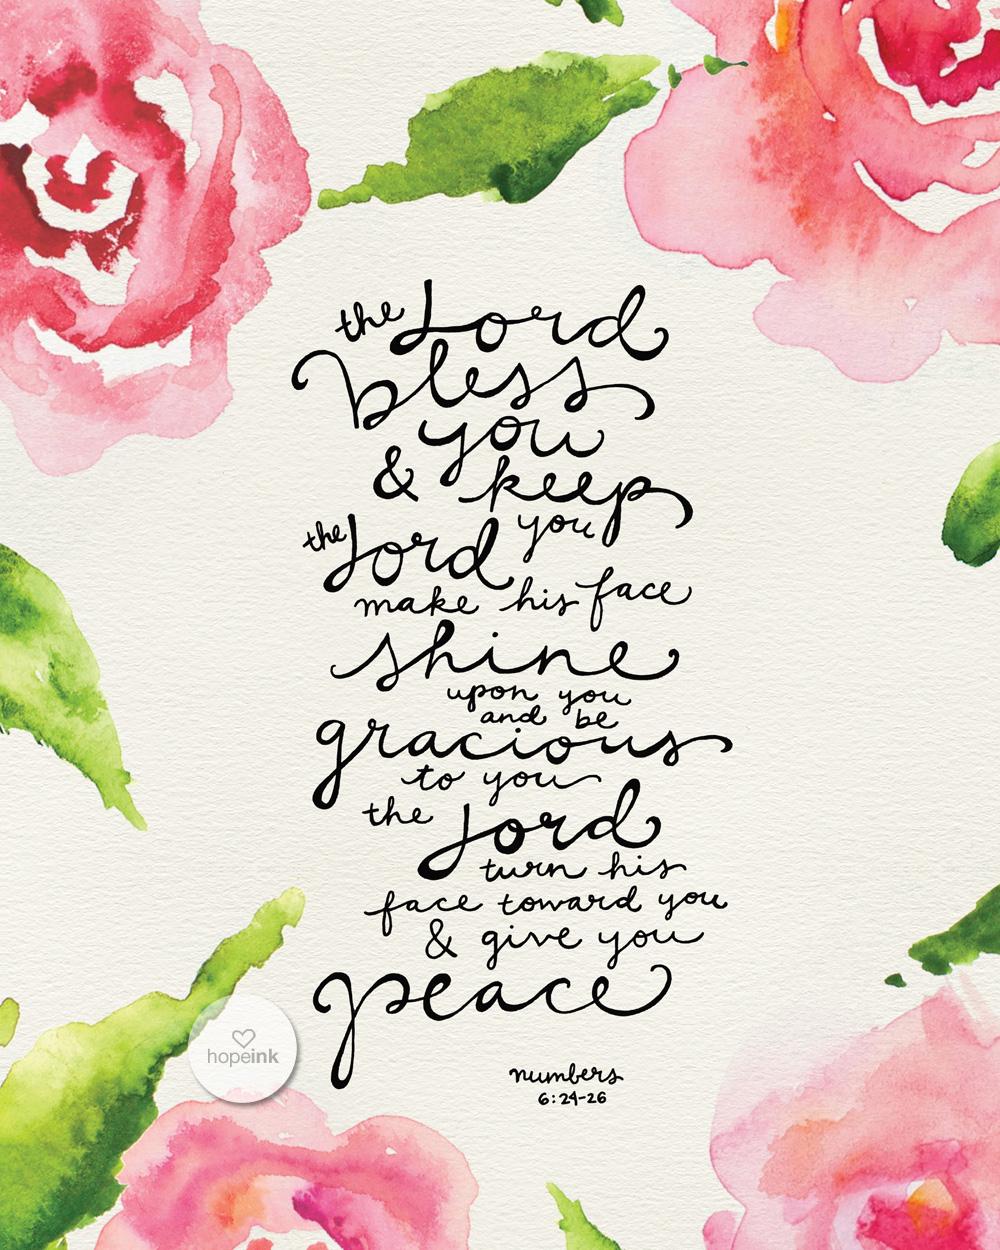 Bless Keep Roses hopeink.jpg